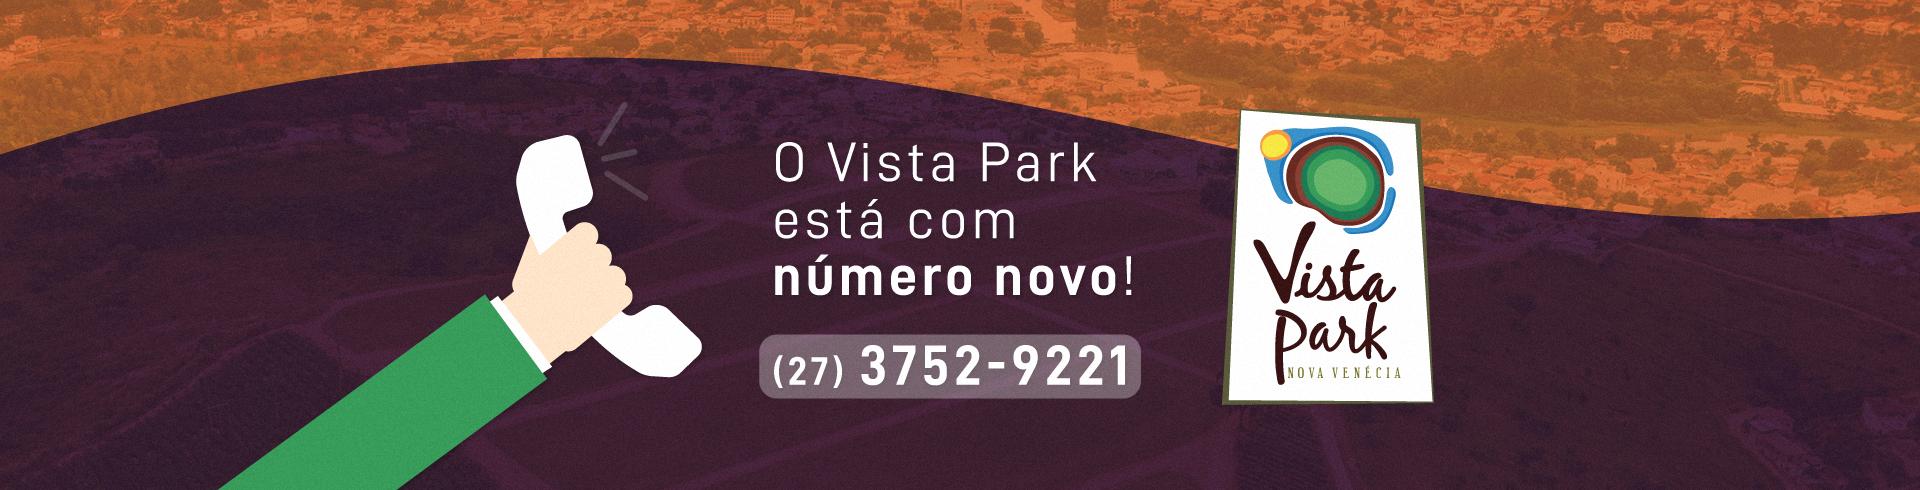 Vista Park